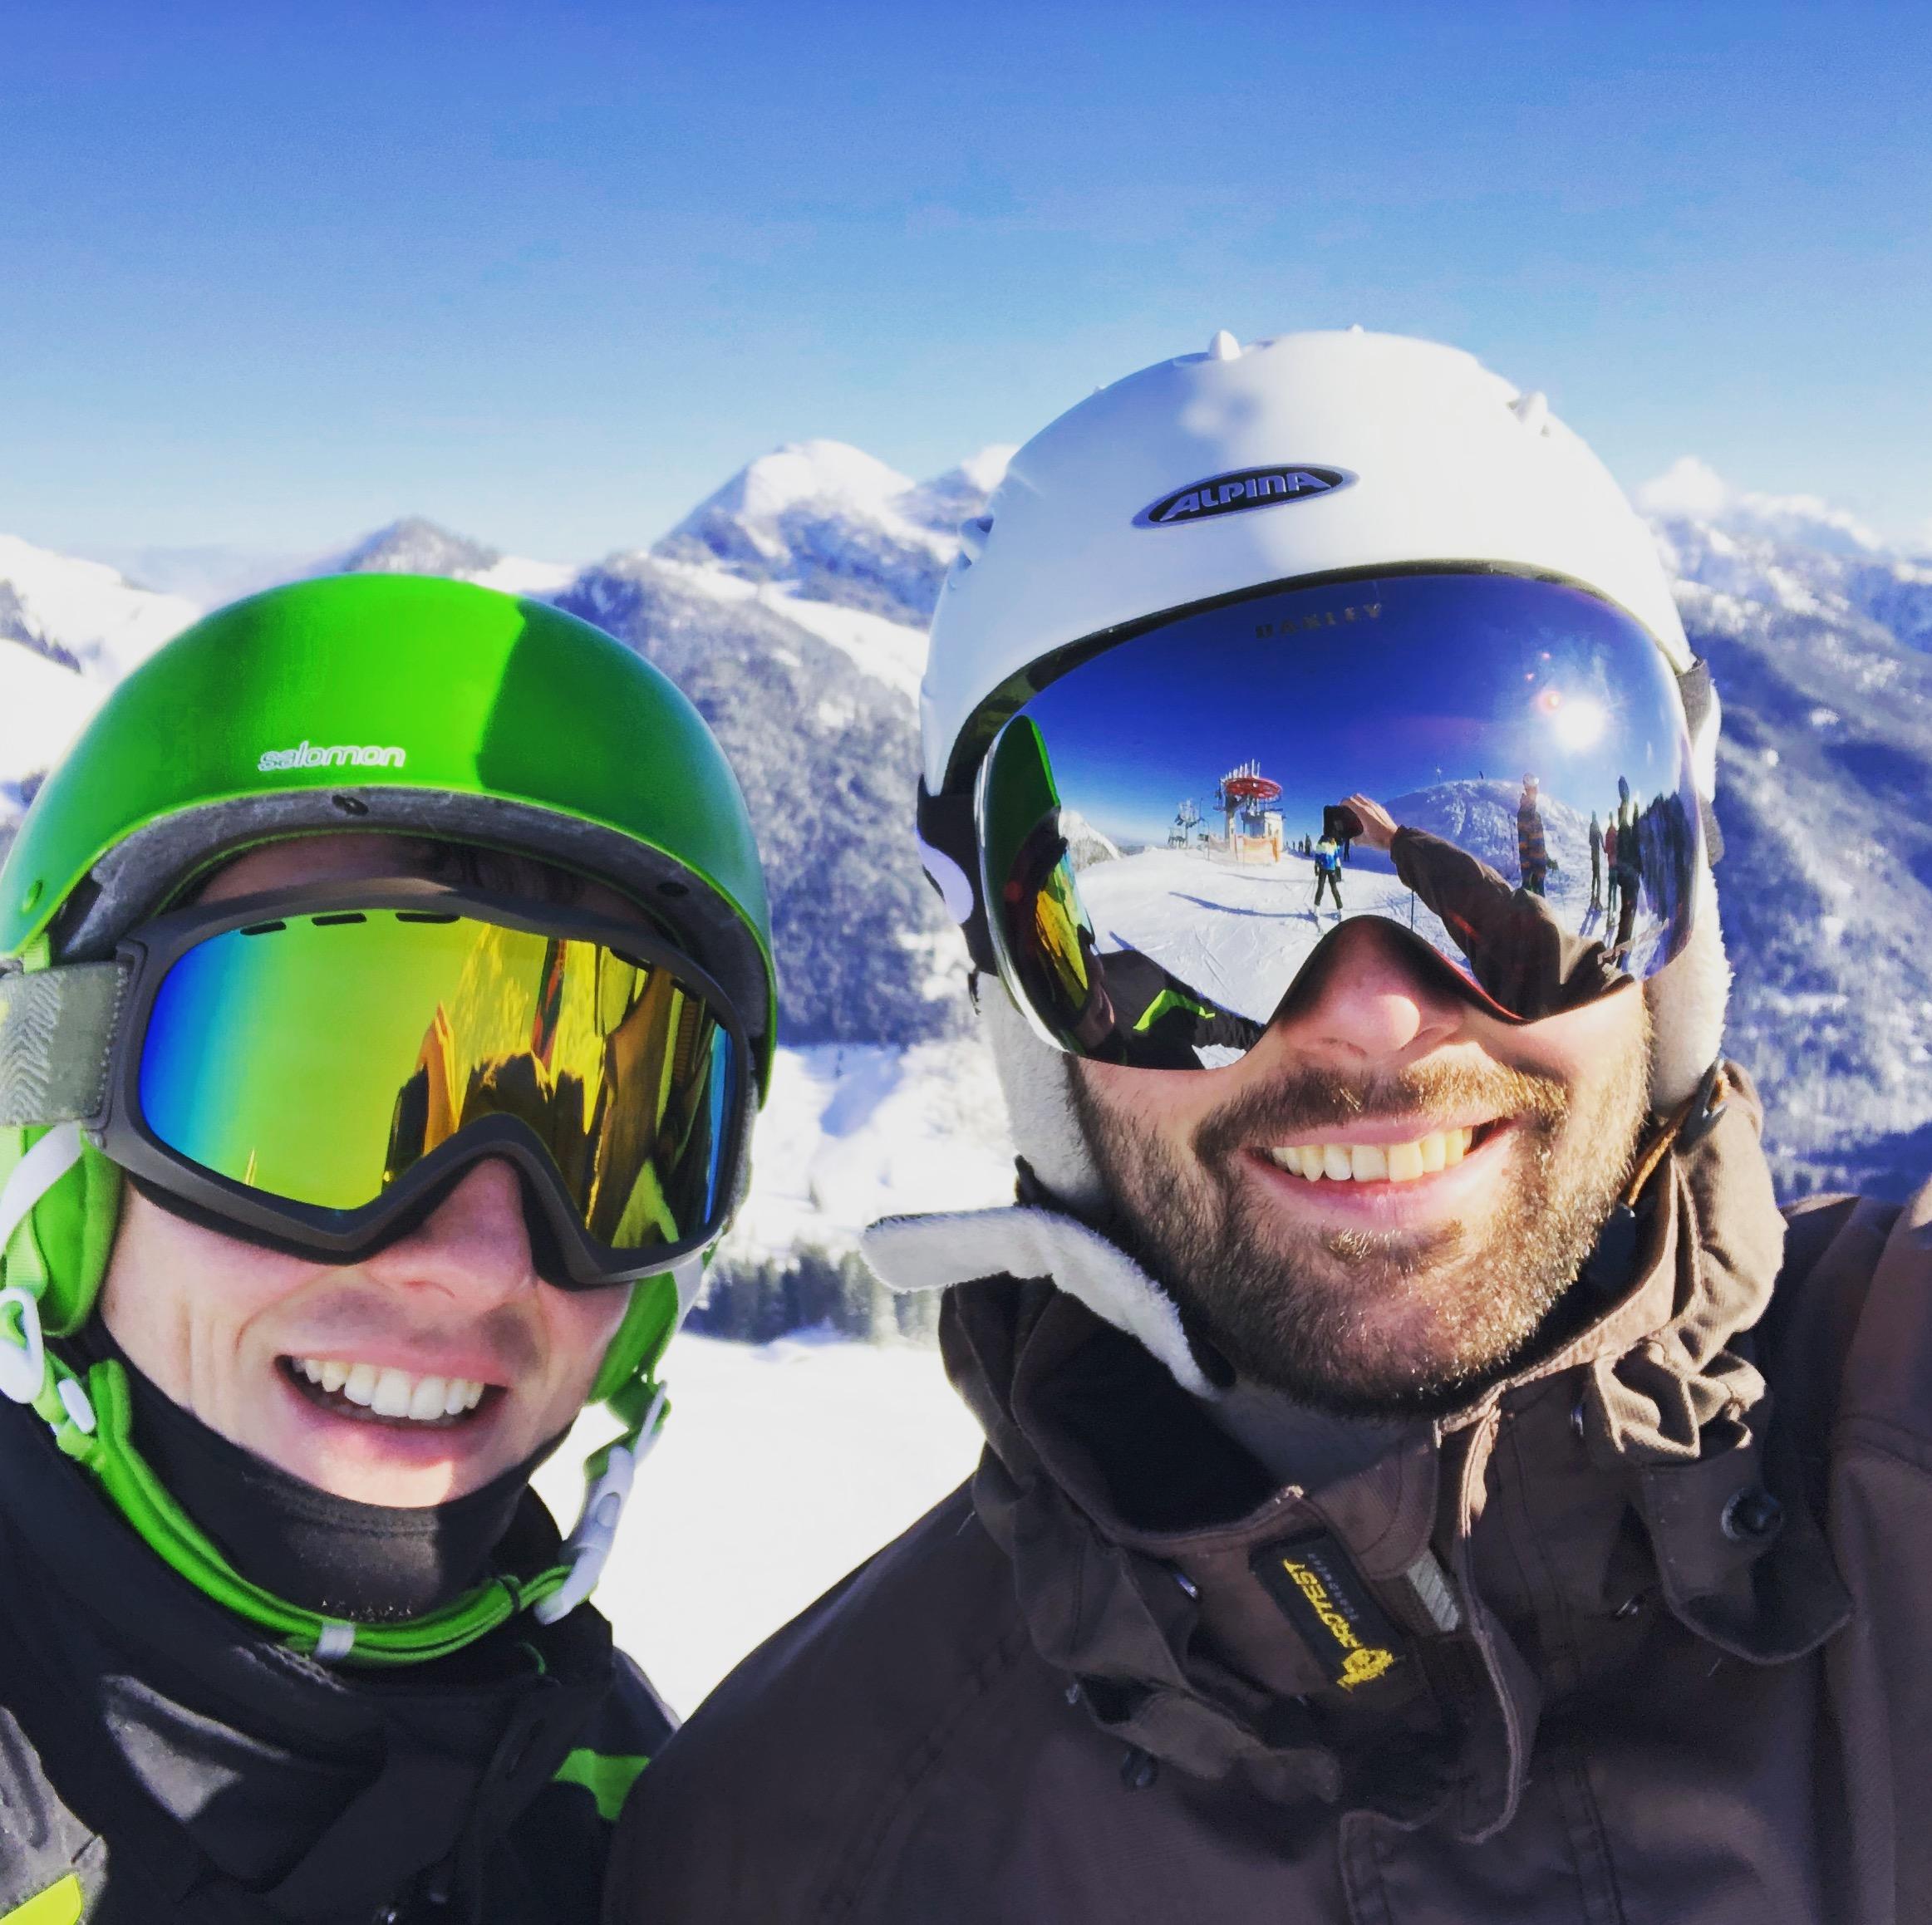 Eine schöne Aussicht an einem Skitag zwischen Weihnachten und Silvester 2017 am Spitzingsee, Bayern